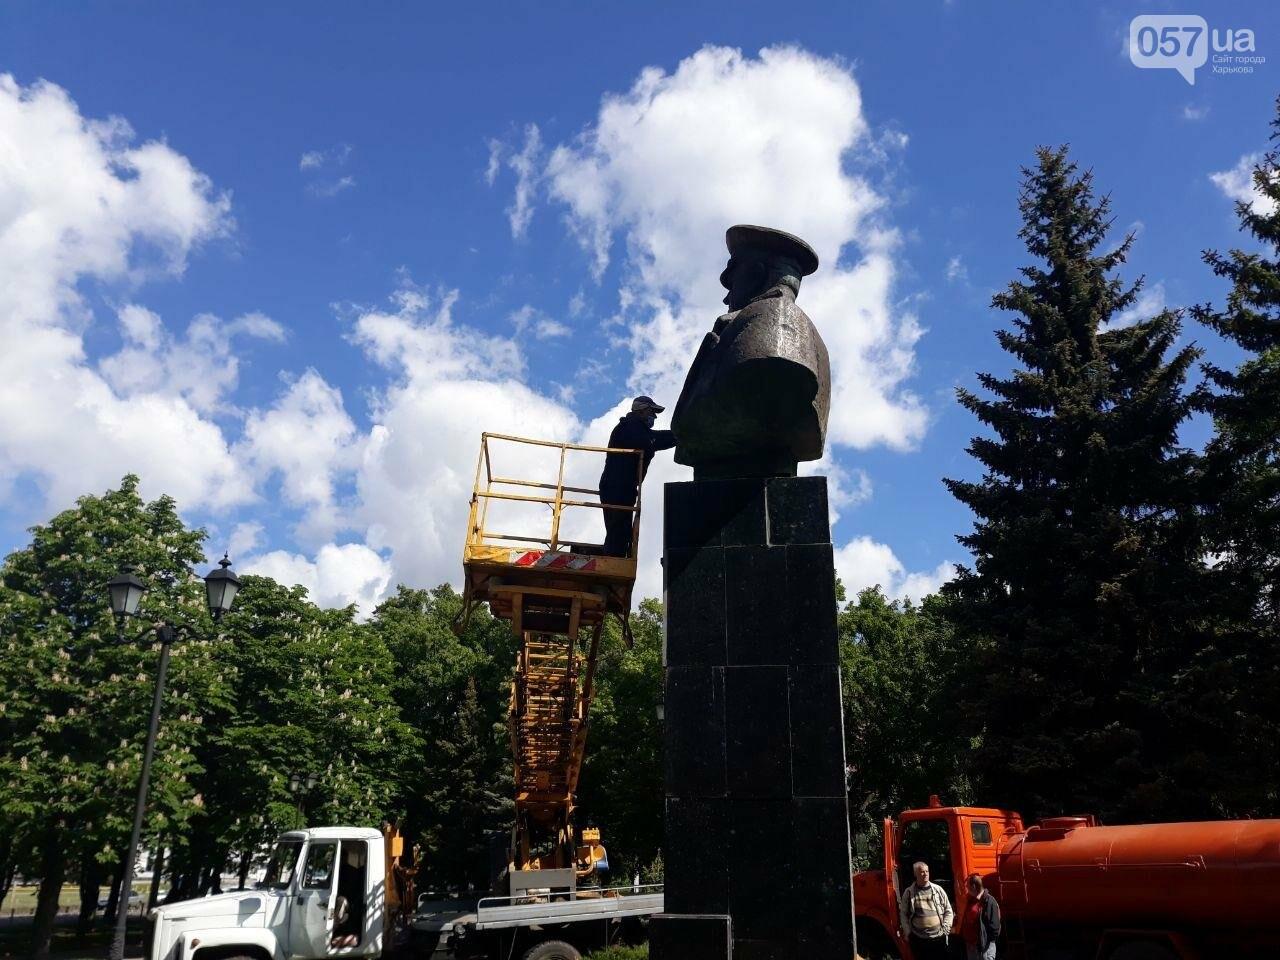 В Харькове неизвестные вновь облили красной краской памятник Жукову, - ФОТО, фото-9